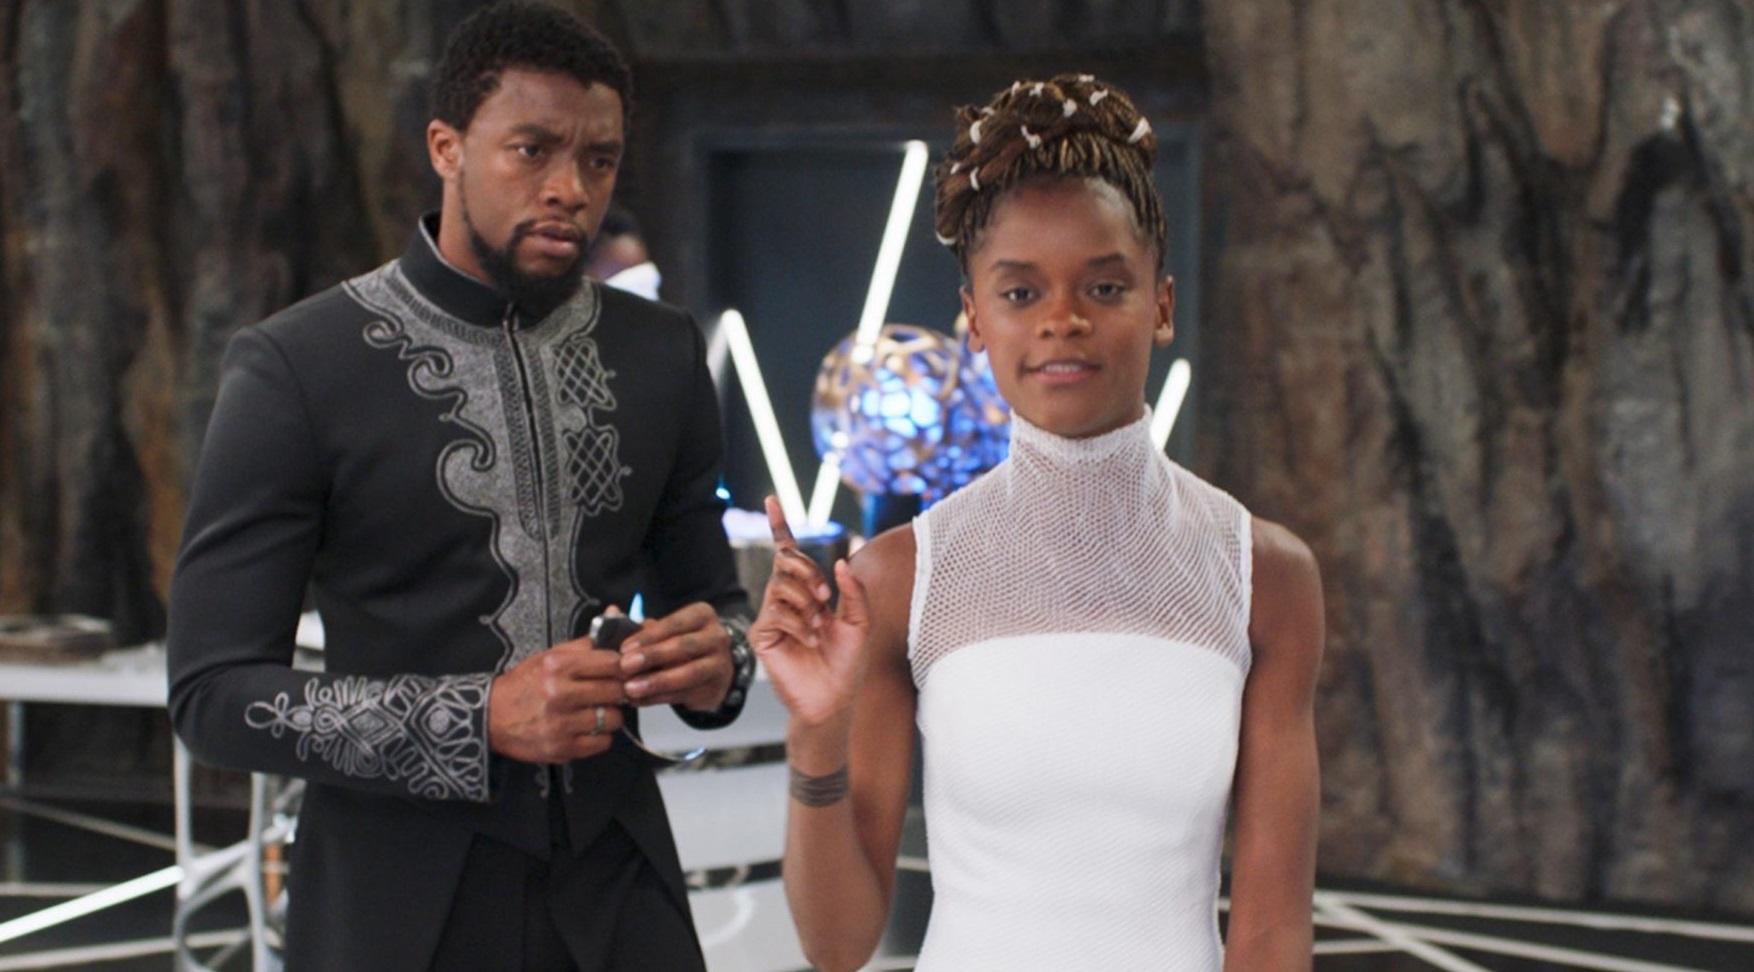 Letitia Wright uhonorowała Chadwicka Bosemana wzruszającym wideo